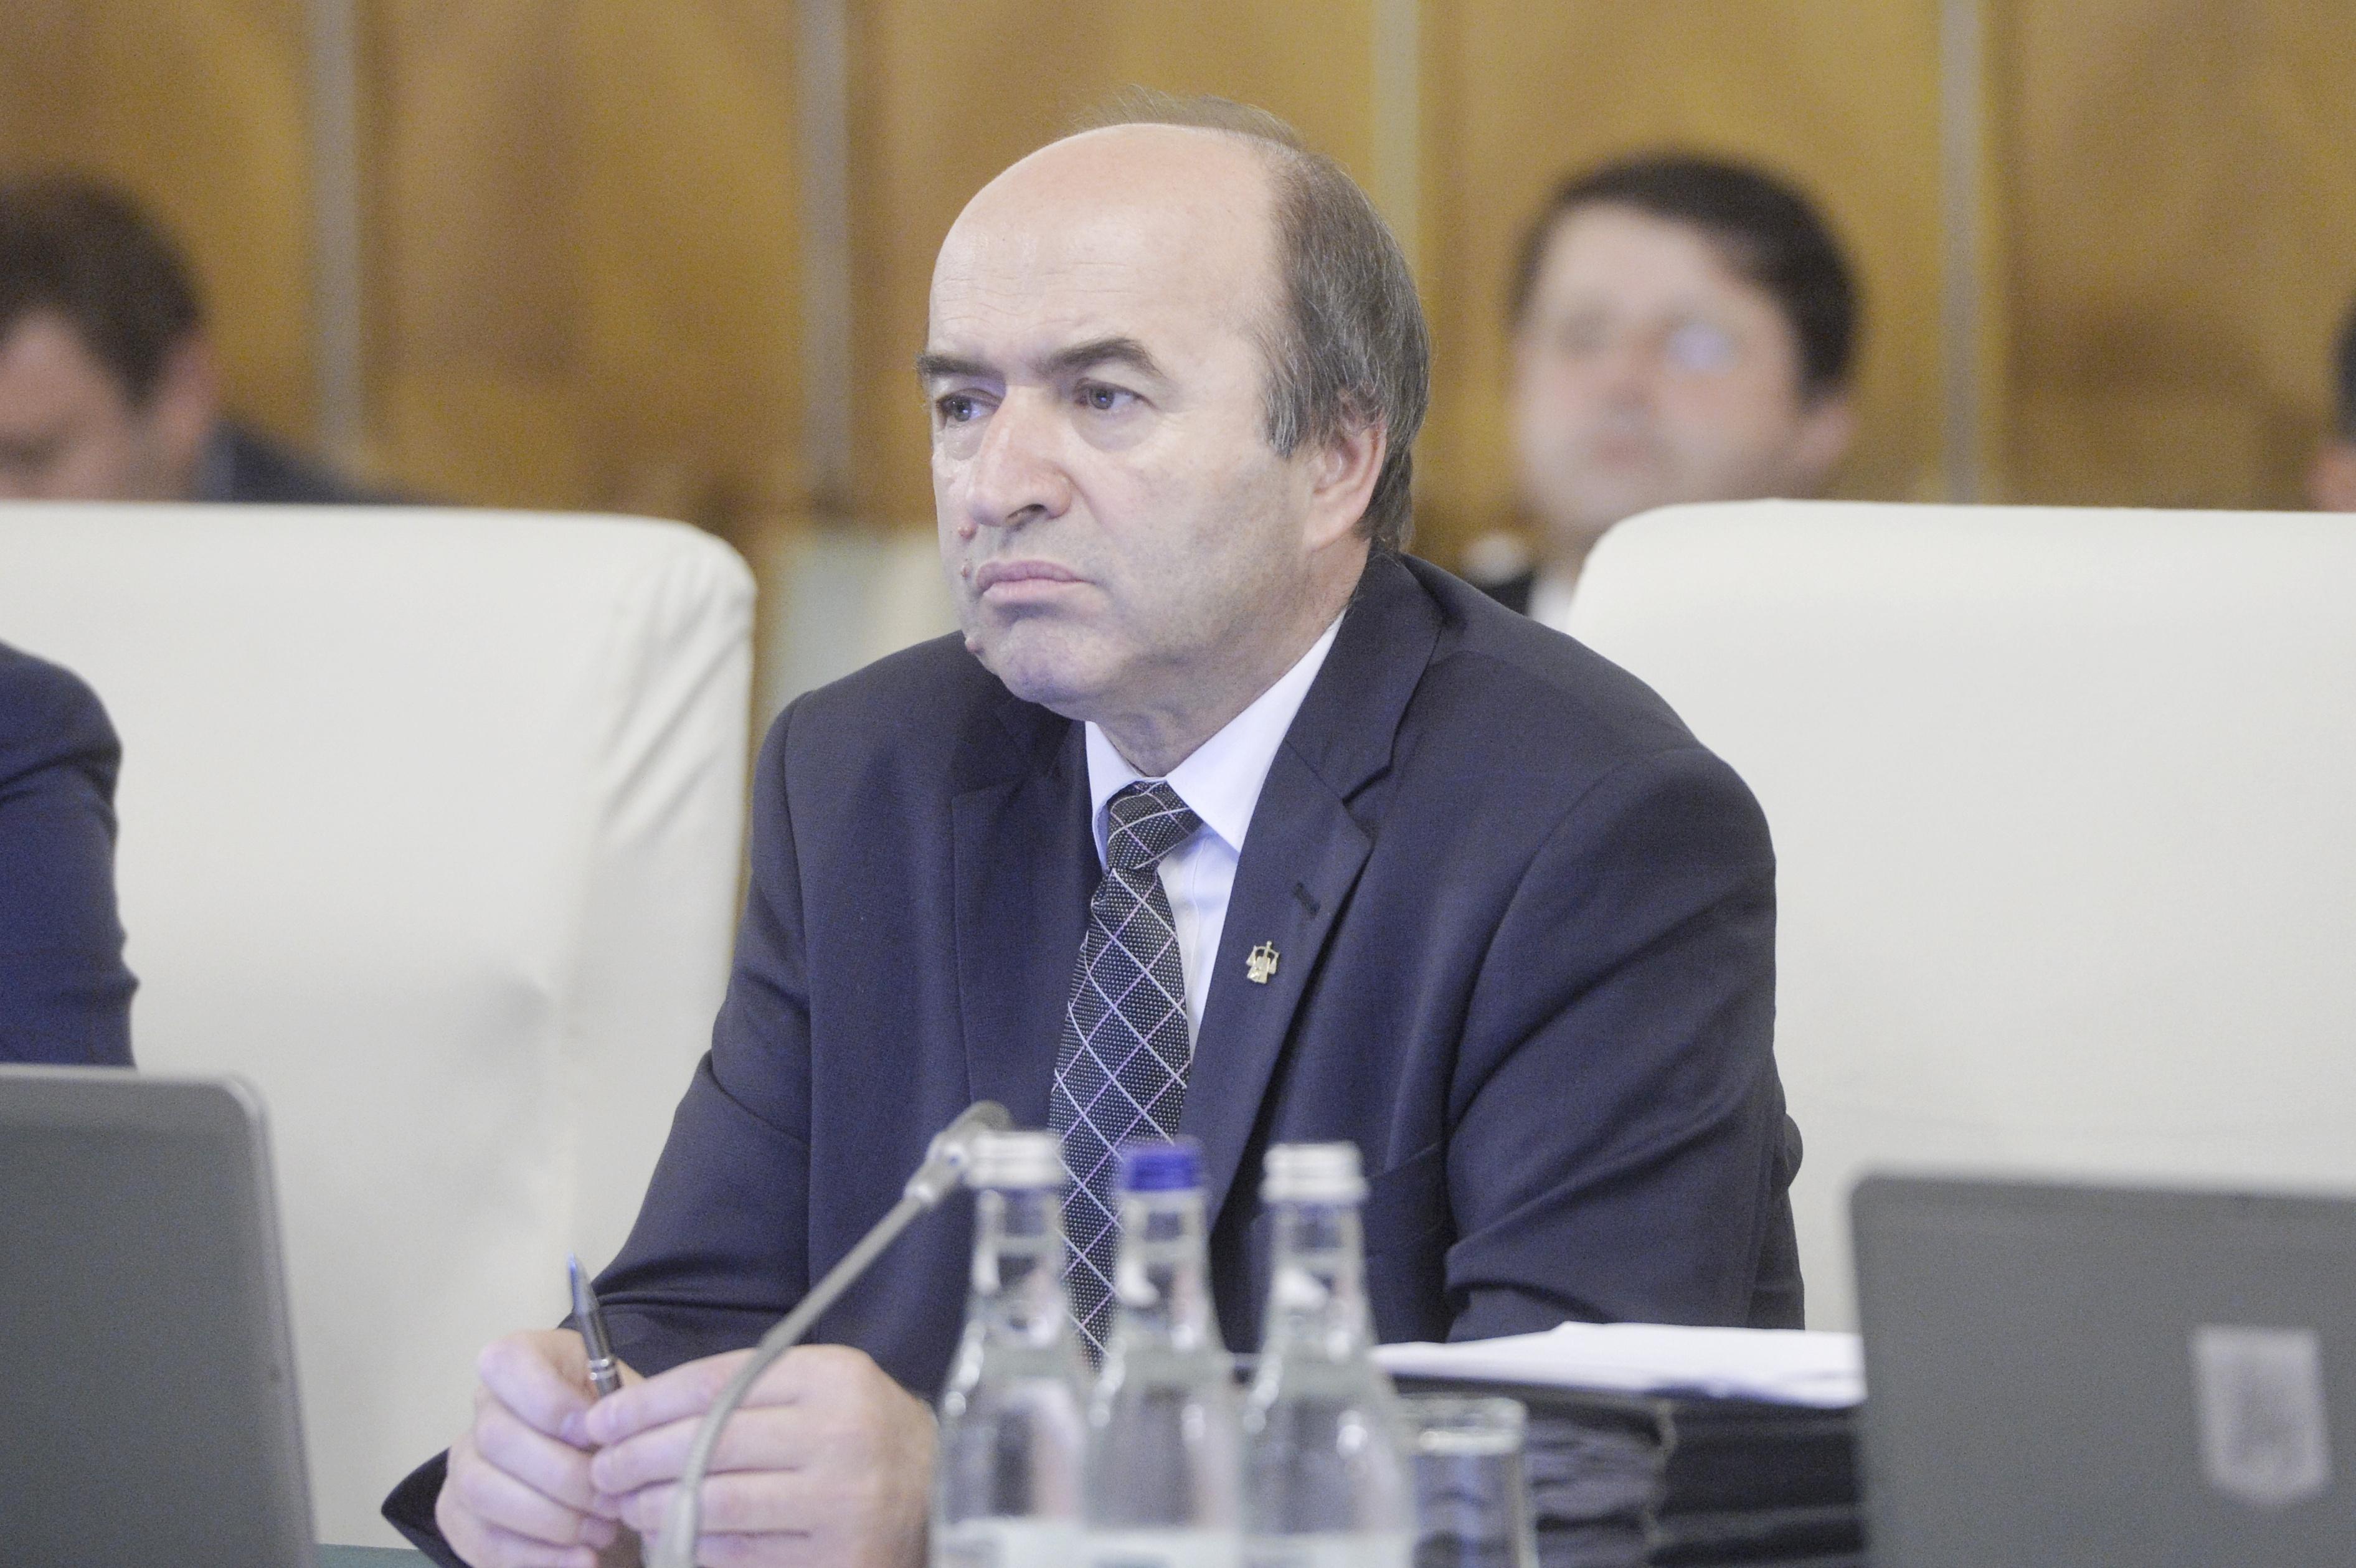 Tudorel Toader, ministrul Justiţiei, crede că prin evaluarea Inspecţiei Judiciare se vrea blocarea raportului privind DNA